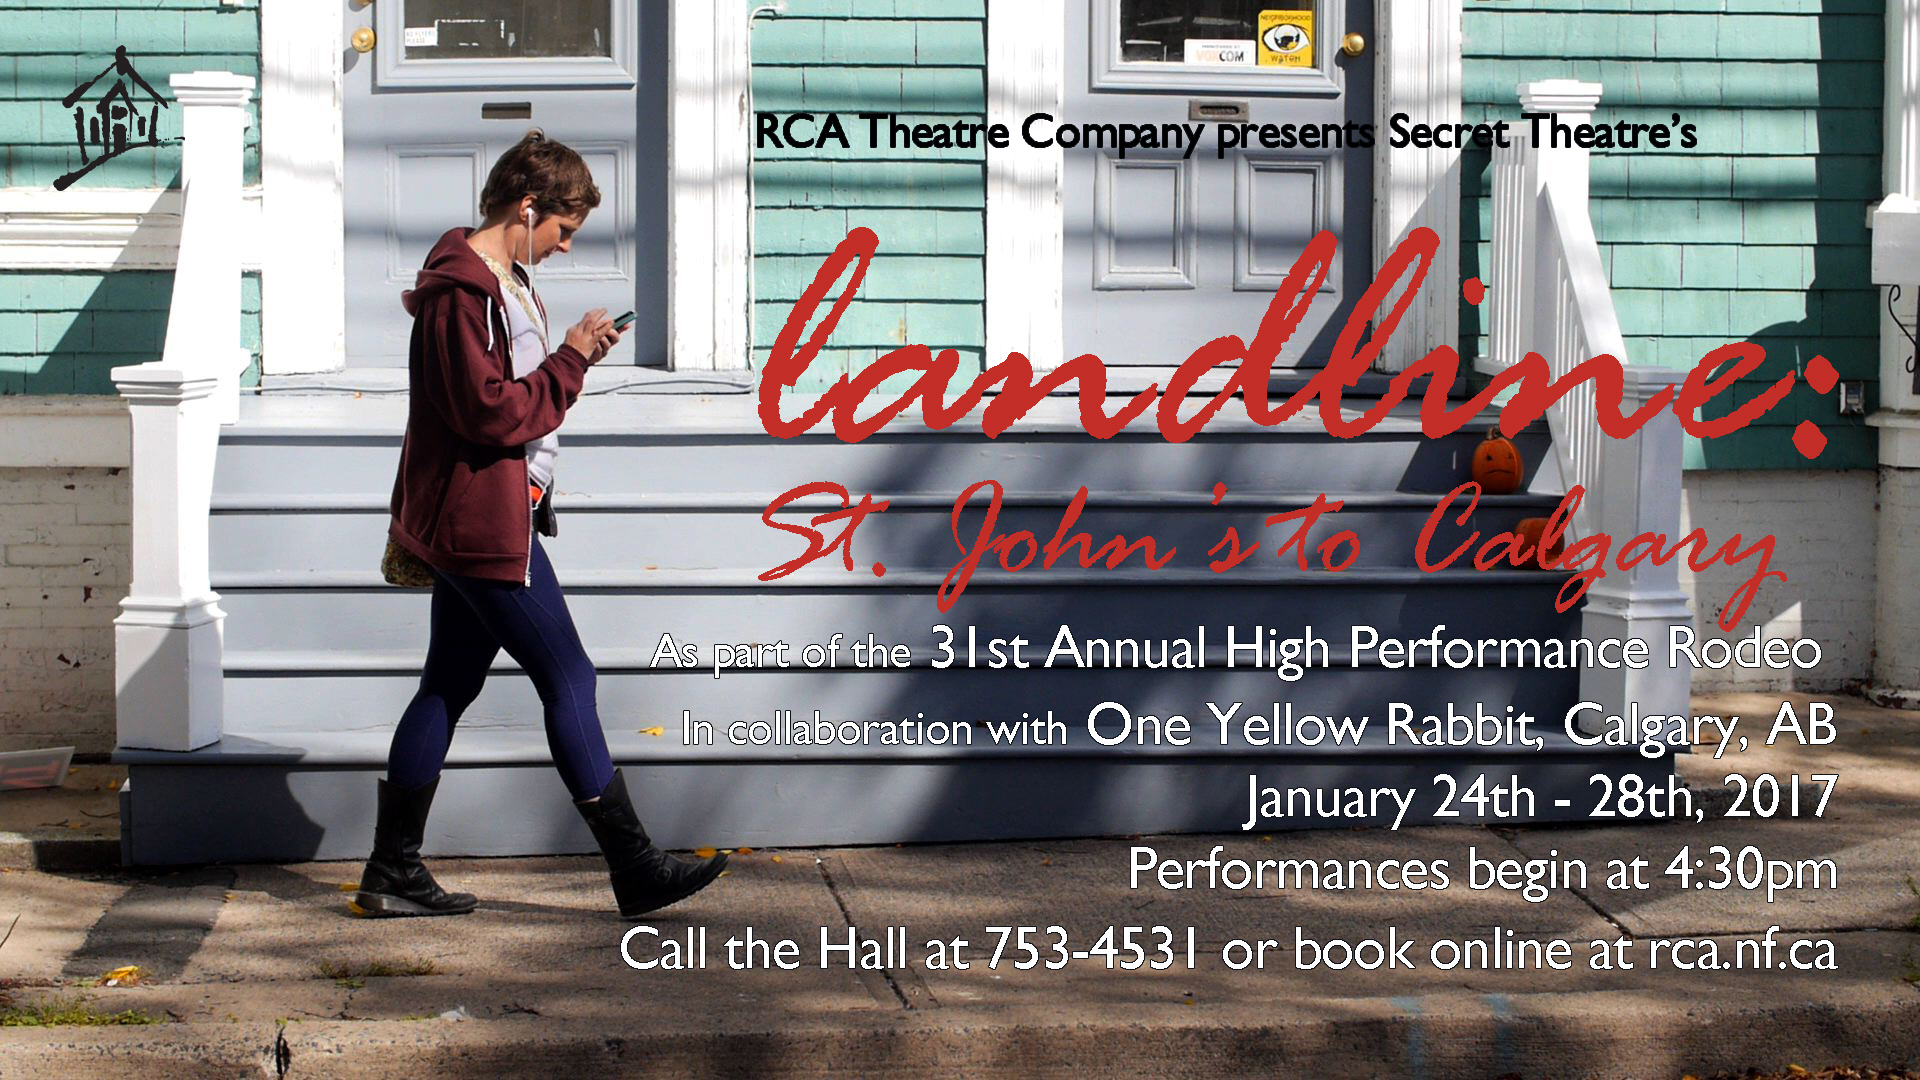 Resource Centre for the Arts RCA Theatre Company presents